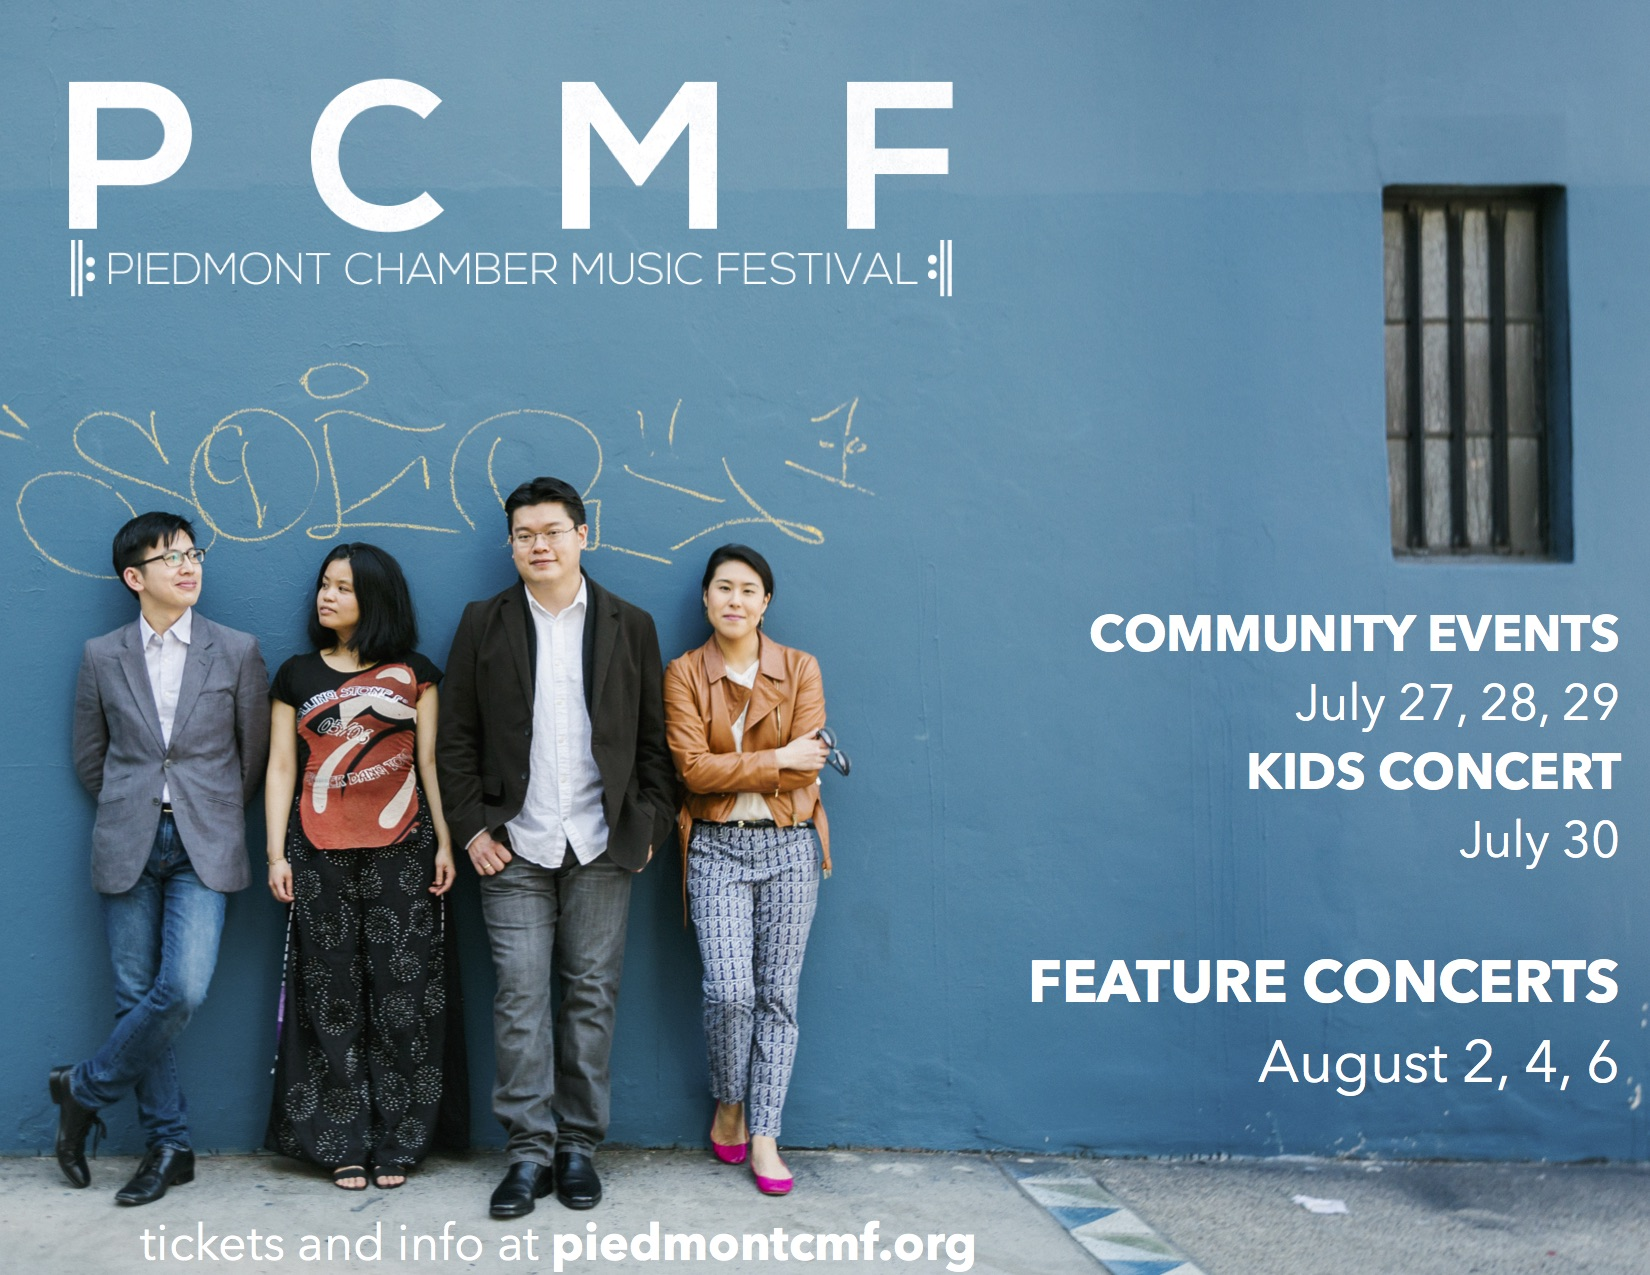 PCMF 2017 poster 1.jpg